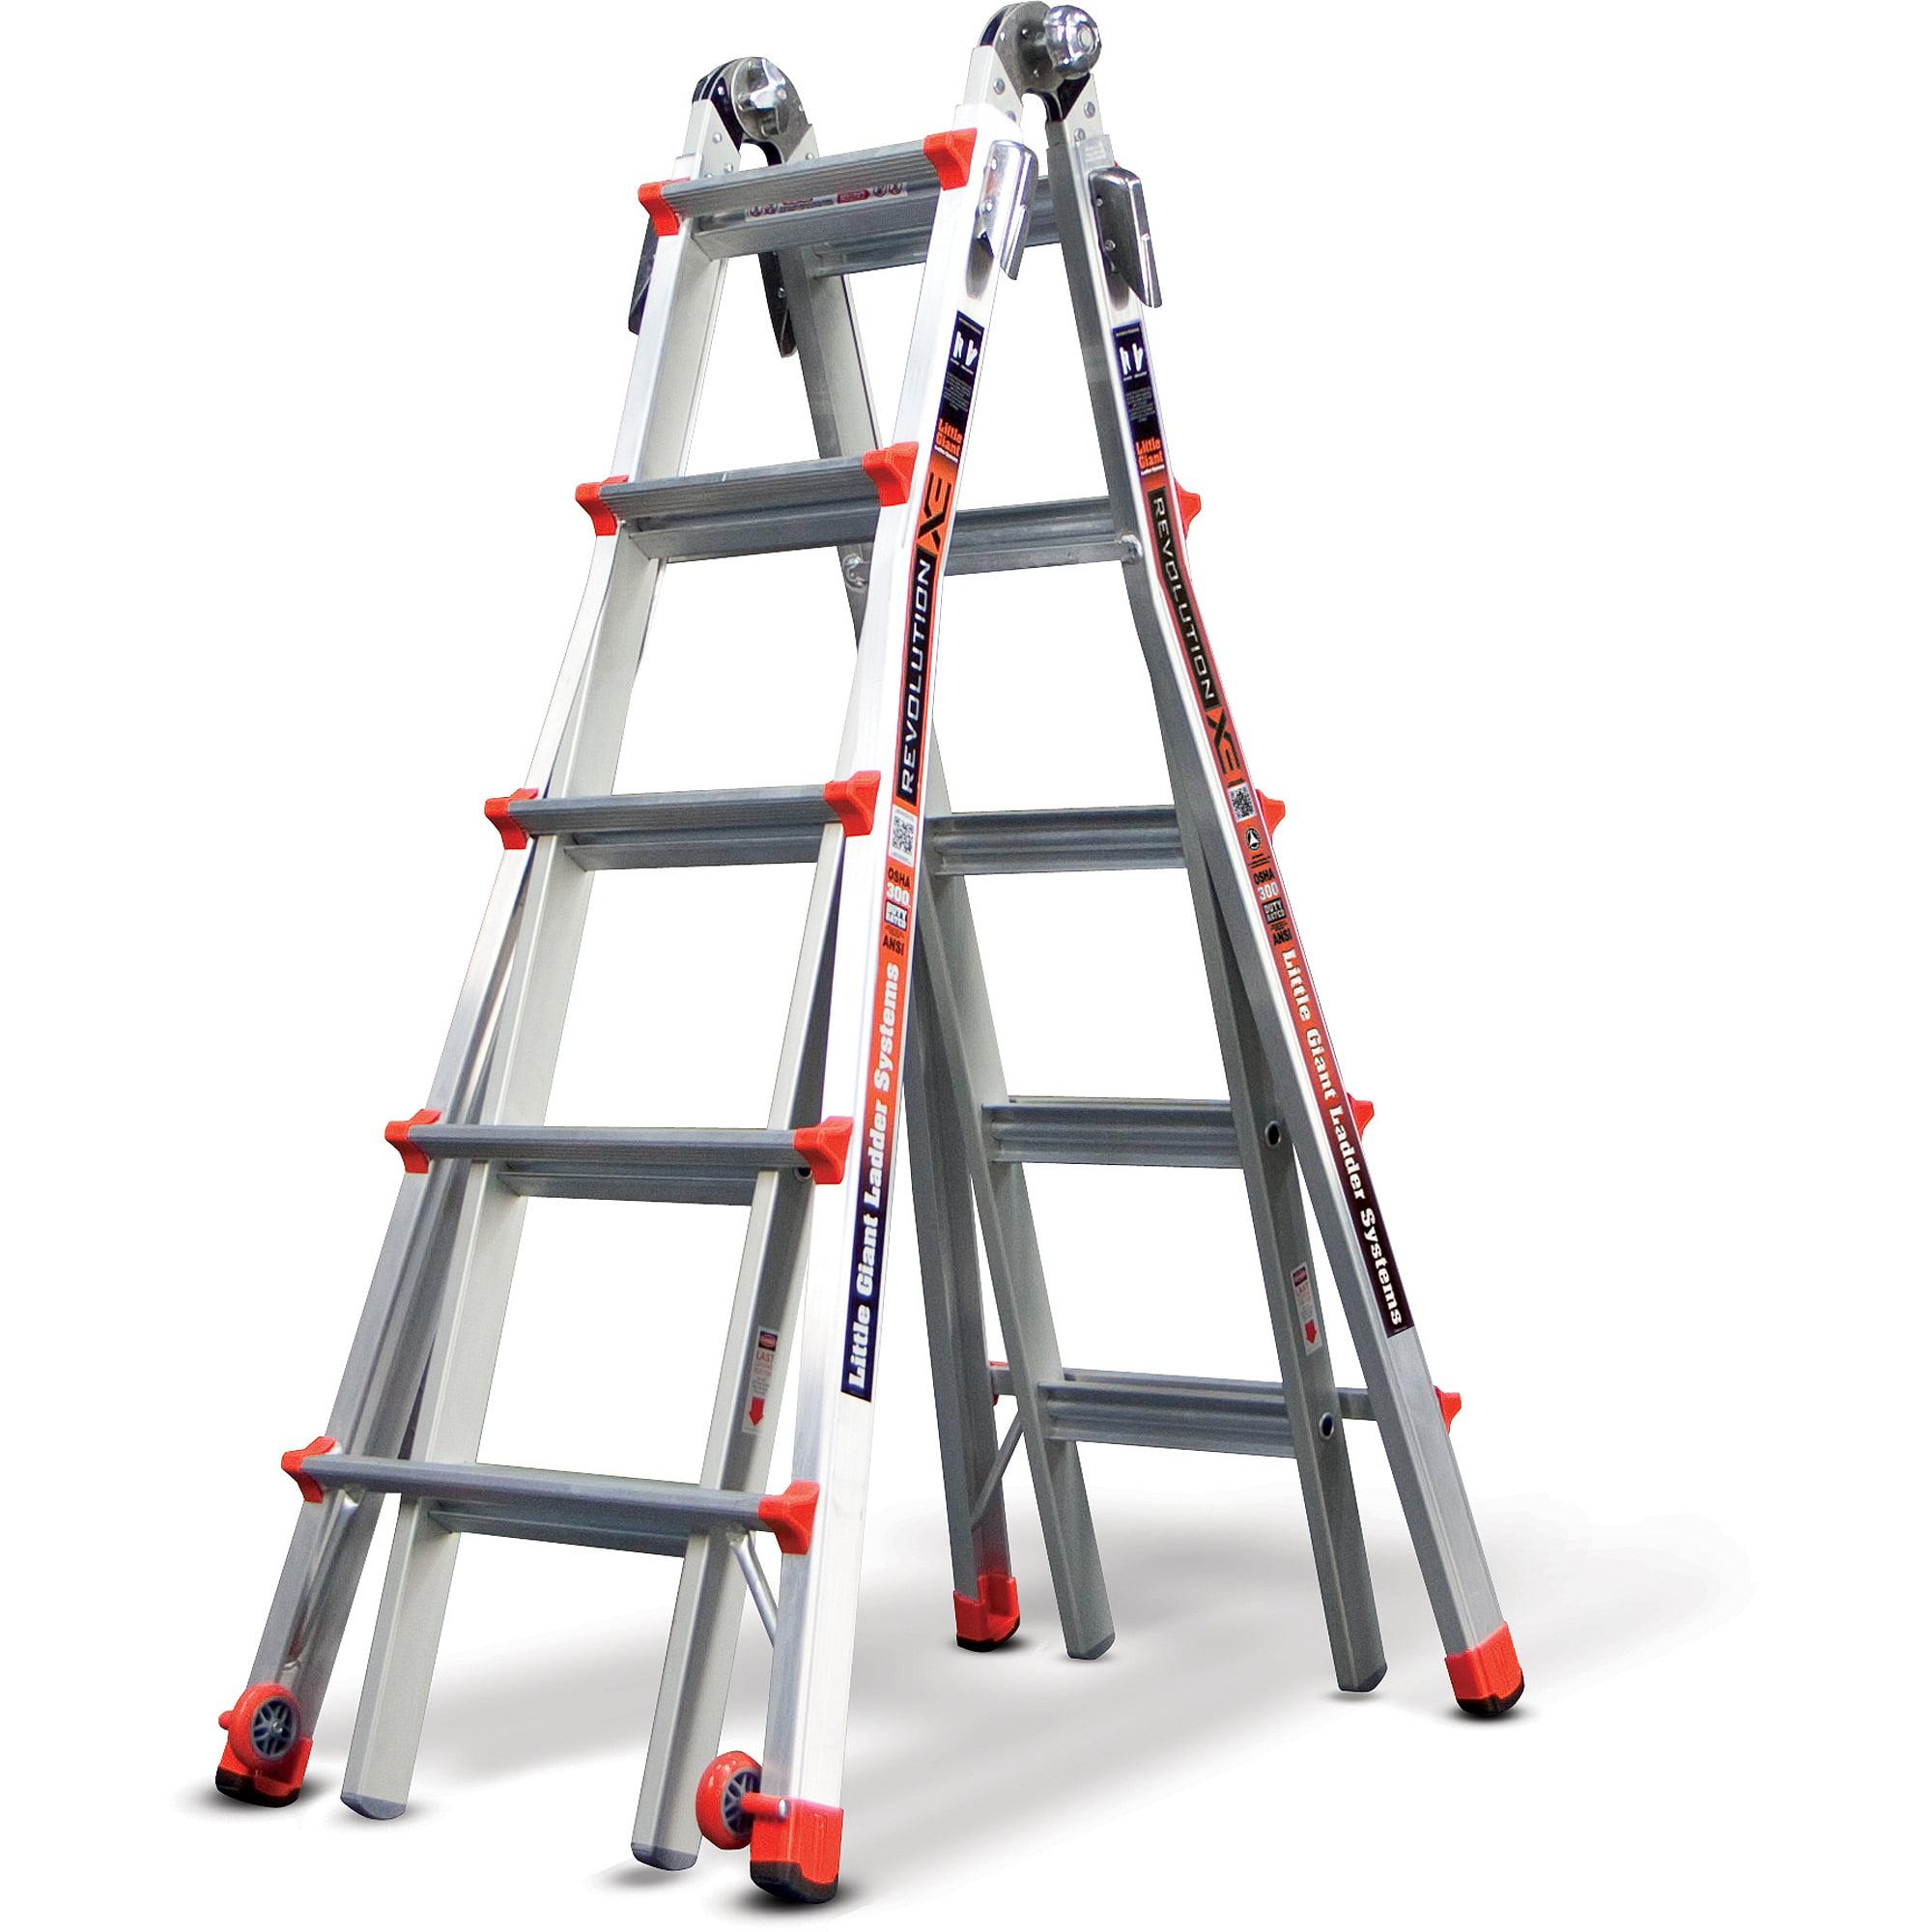 Upc 096764022006 Little Giant Ladders Revolution Multi